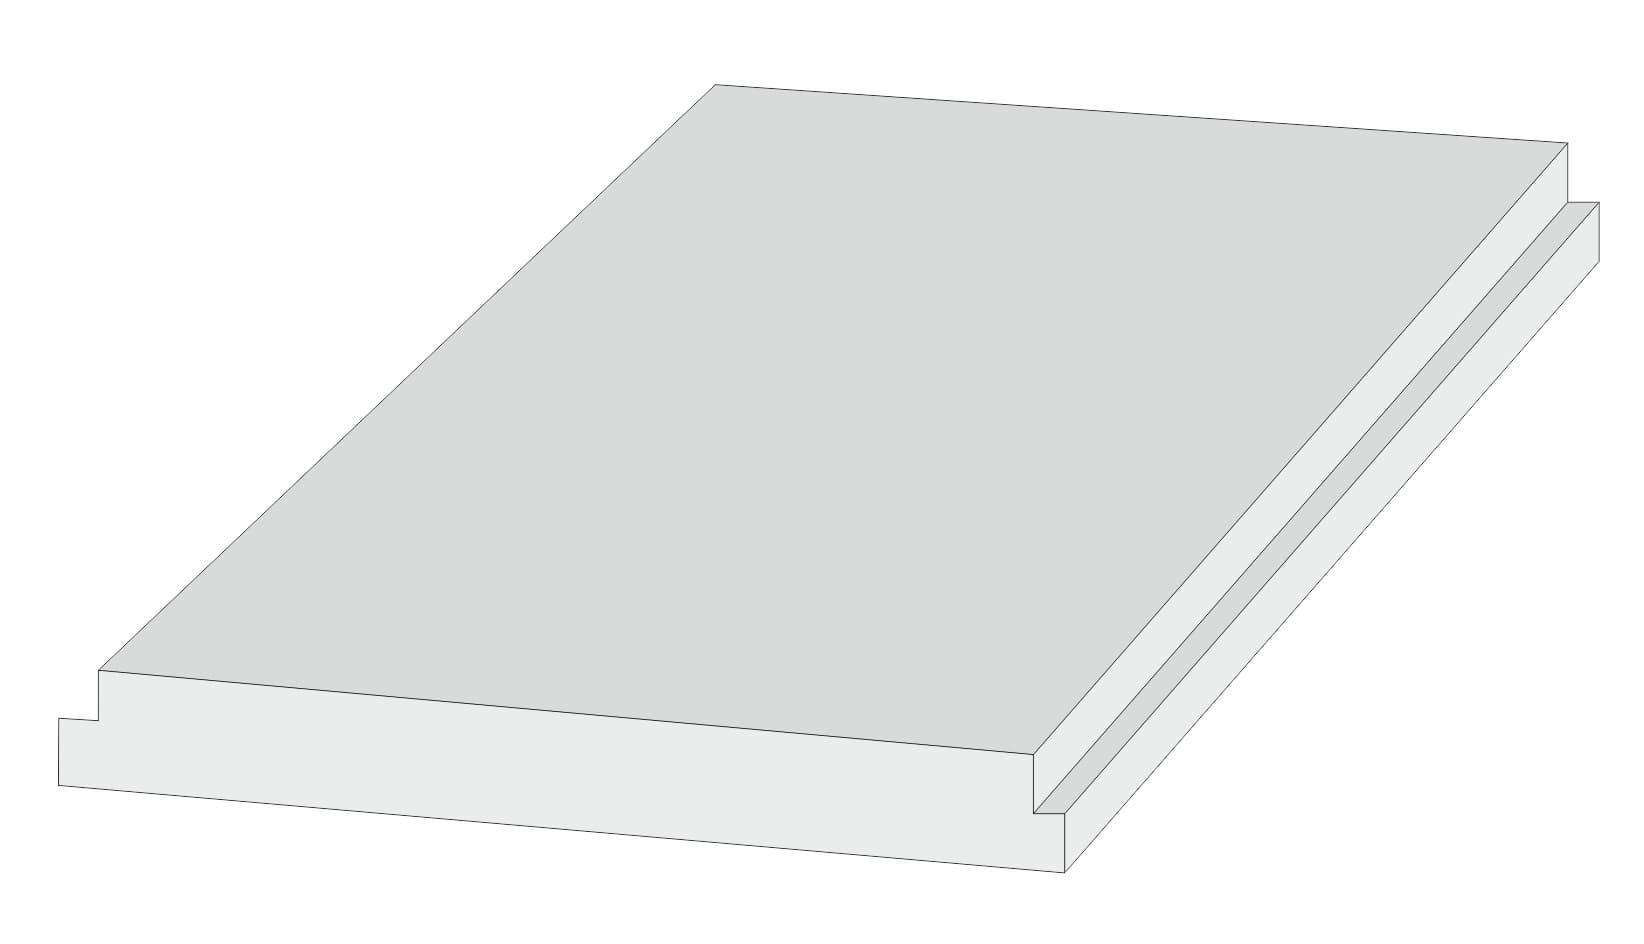 Плиты перекрытия П-60.15.30-6я